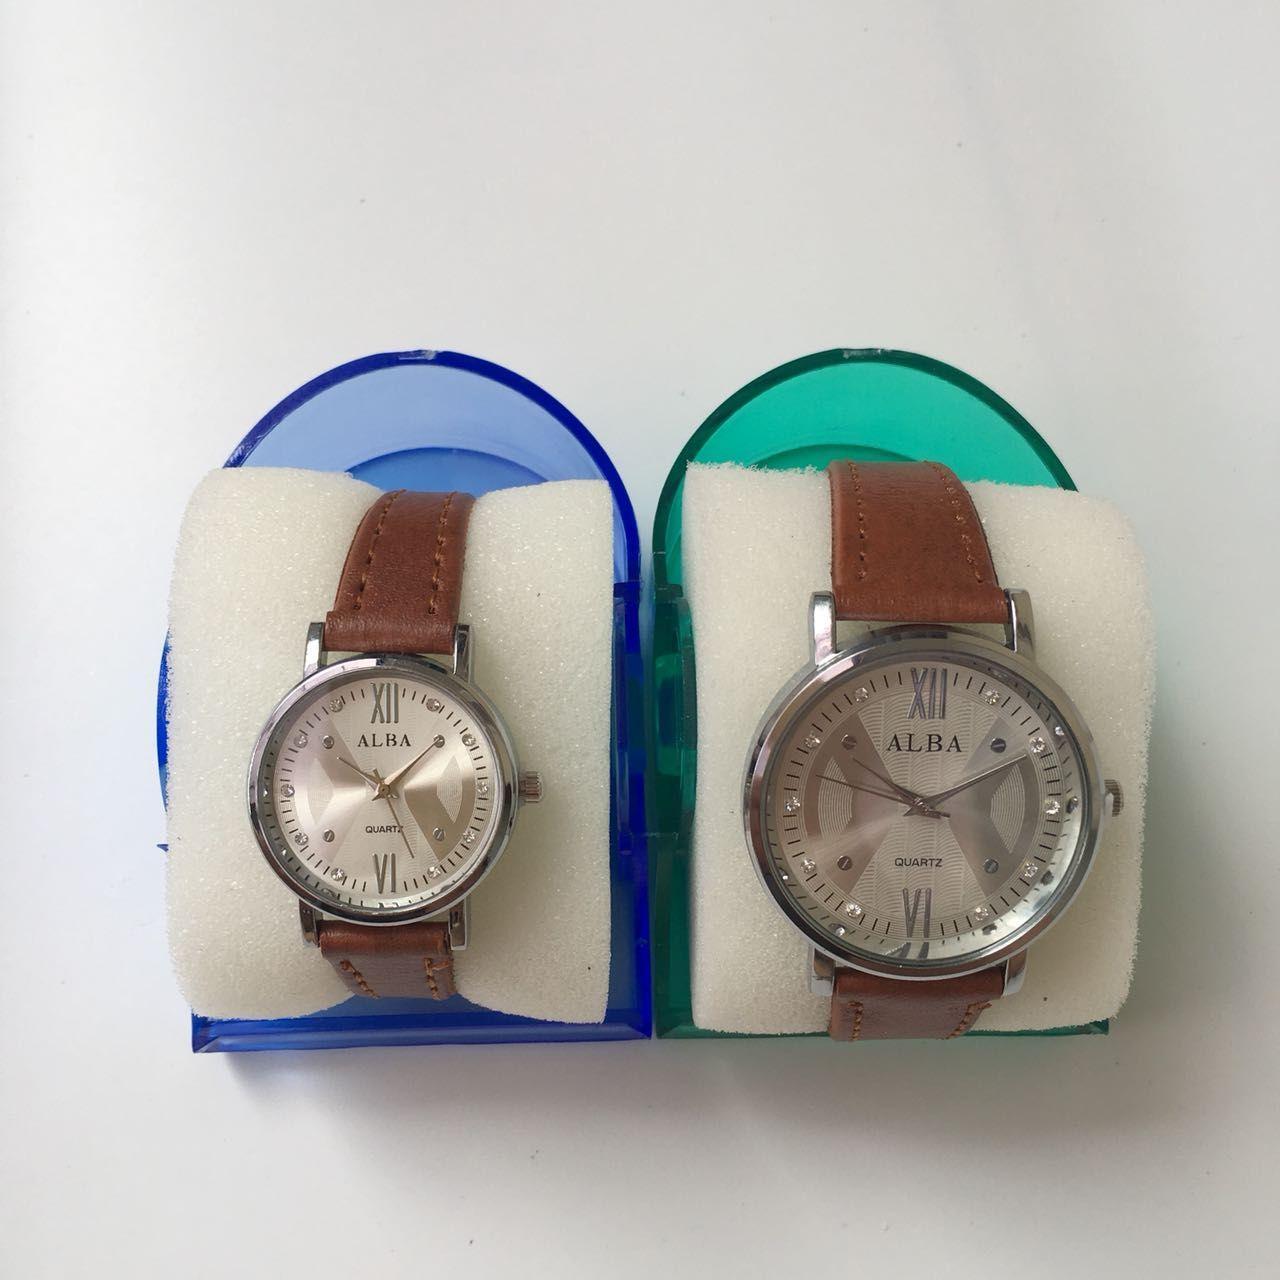 Jam Tangan Pasangan Couple Fashion Model Terbaru Harga Termurah Design Elegant Terlengkap